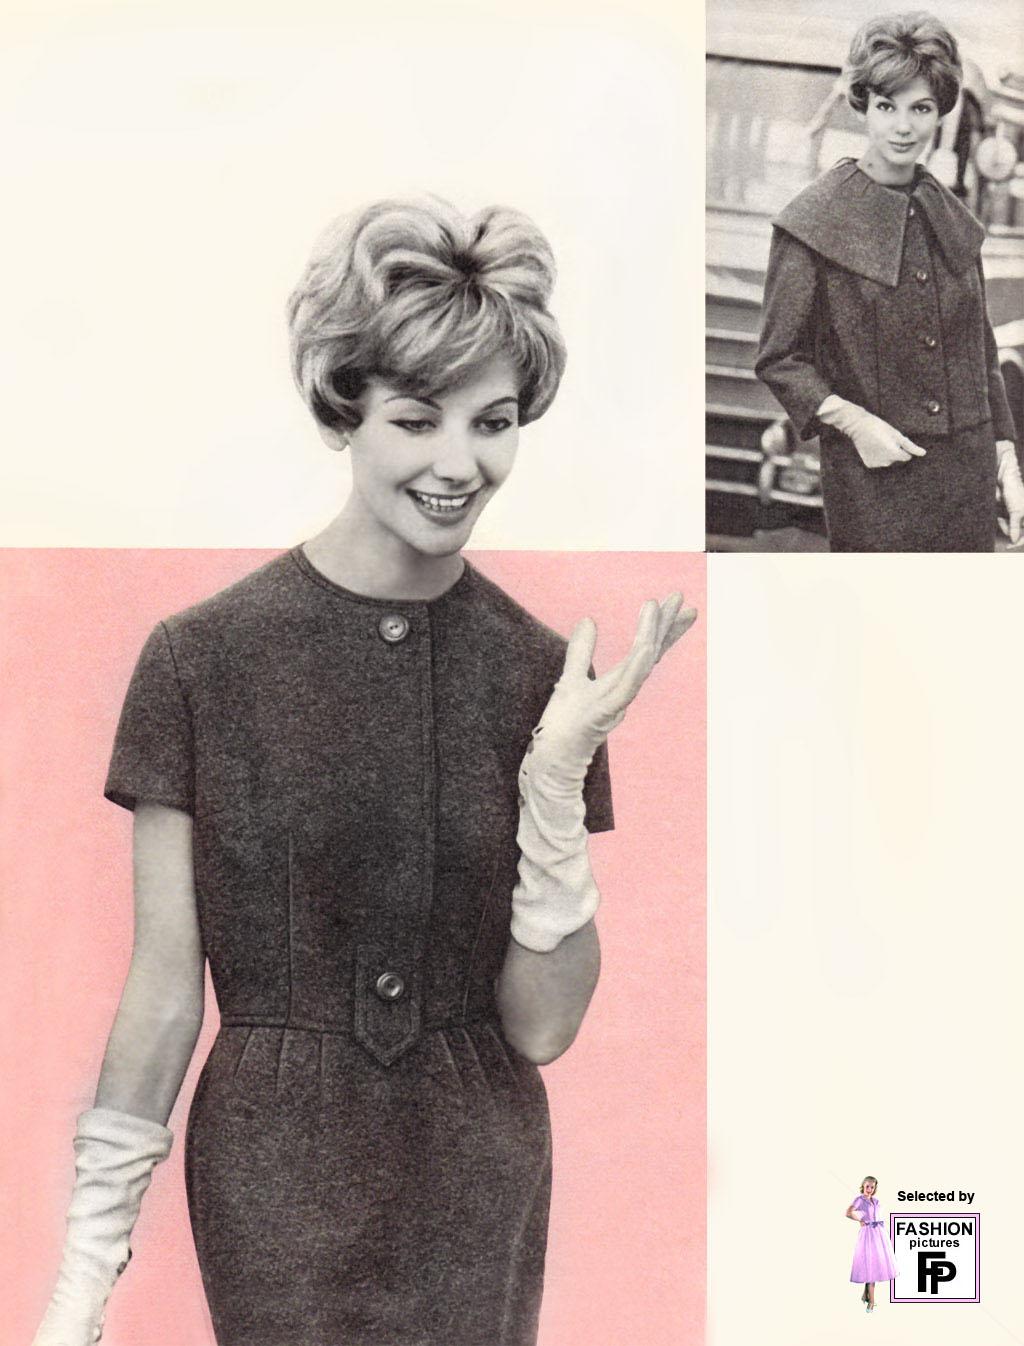 1950s womens style  1959-2-neu-0003.jpg